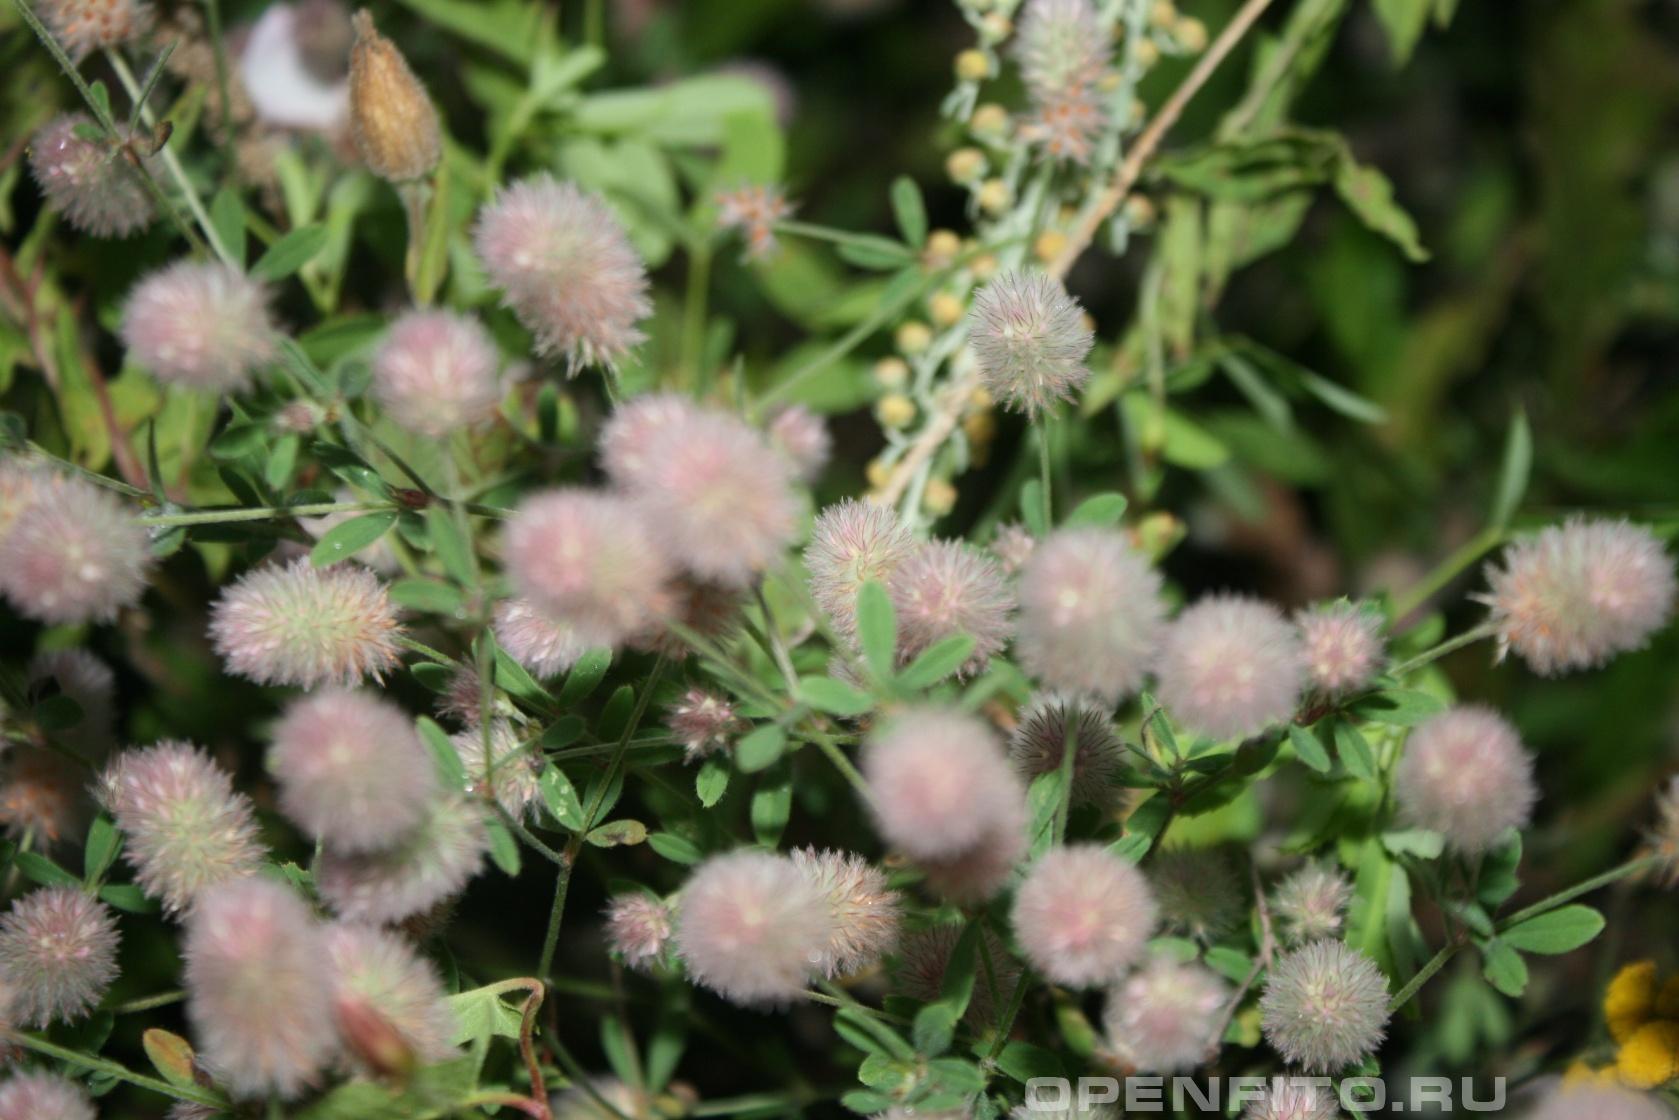 Клевер пашенный Придорожная трава